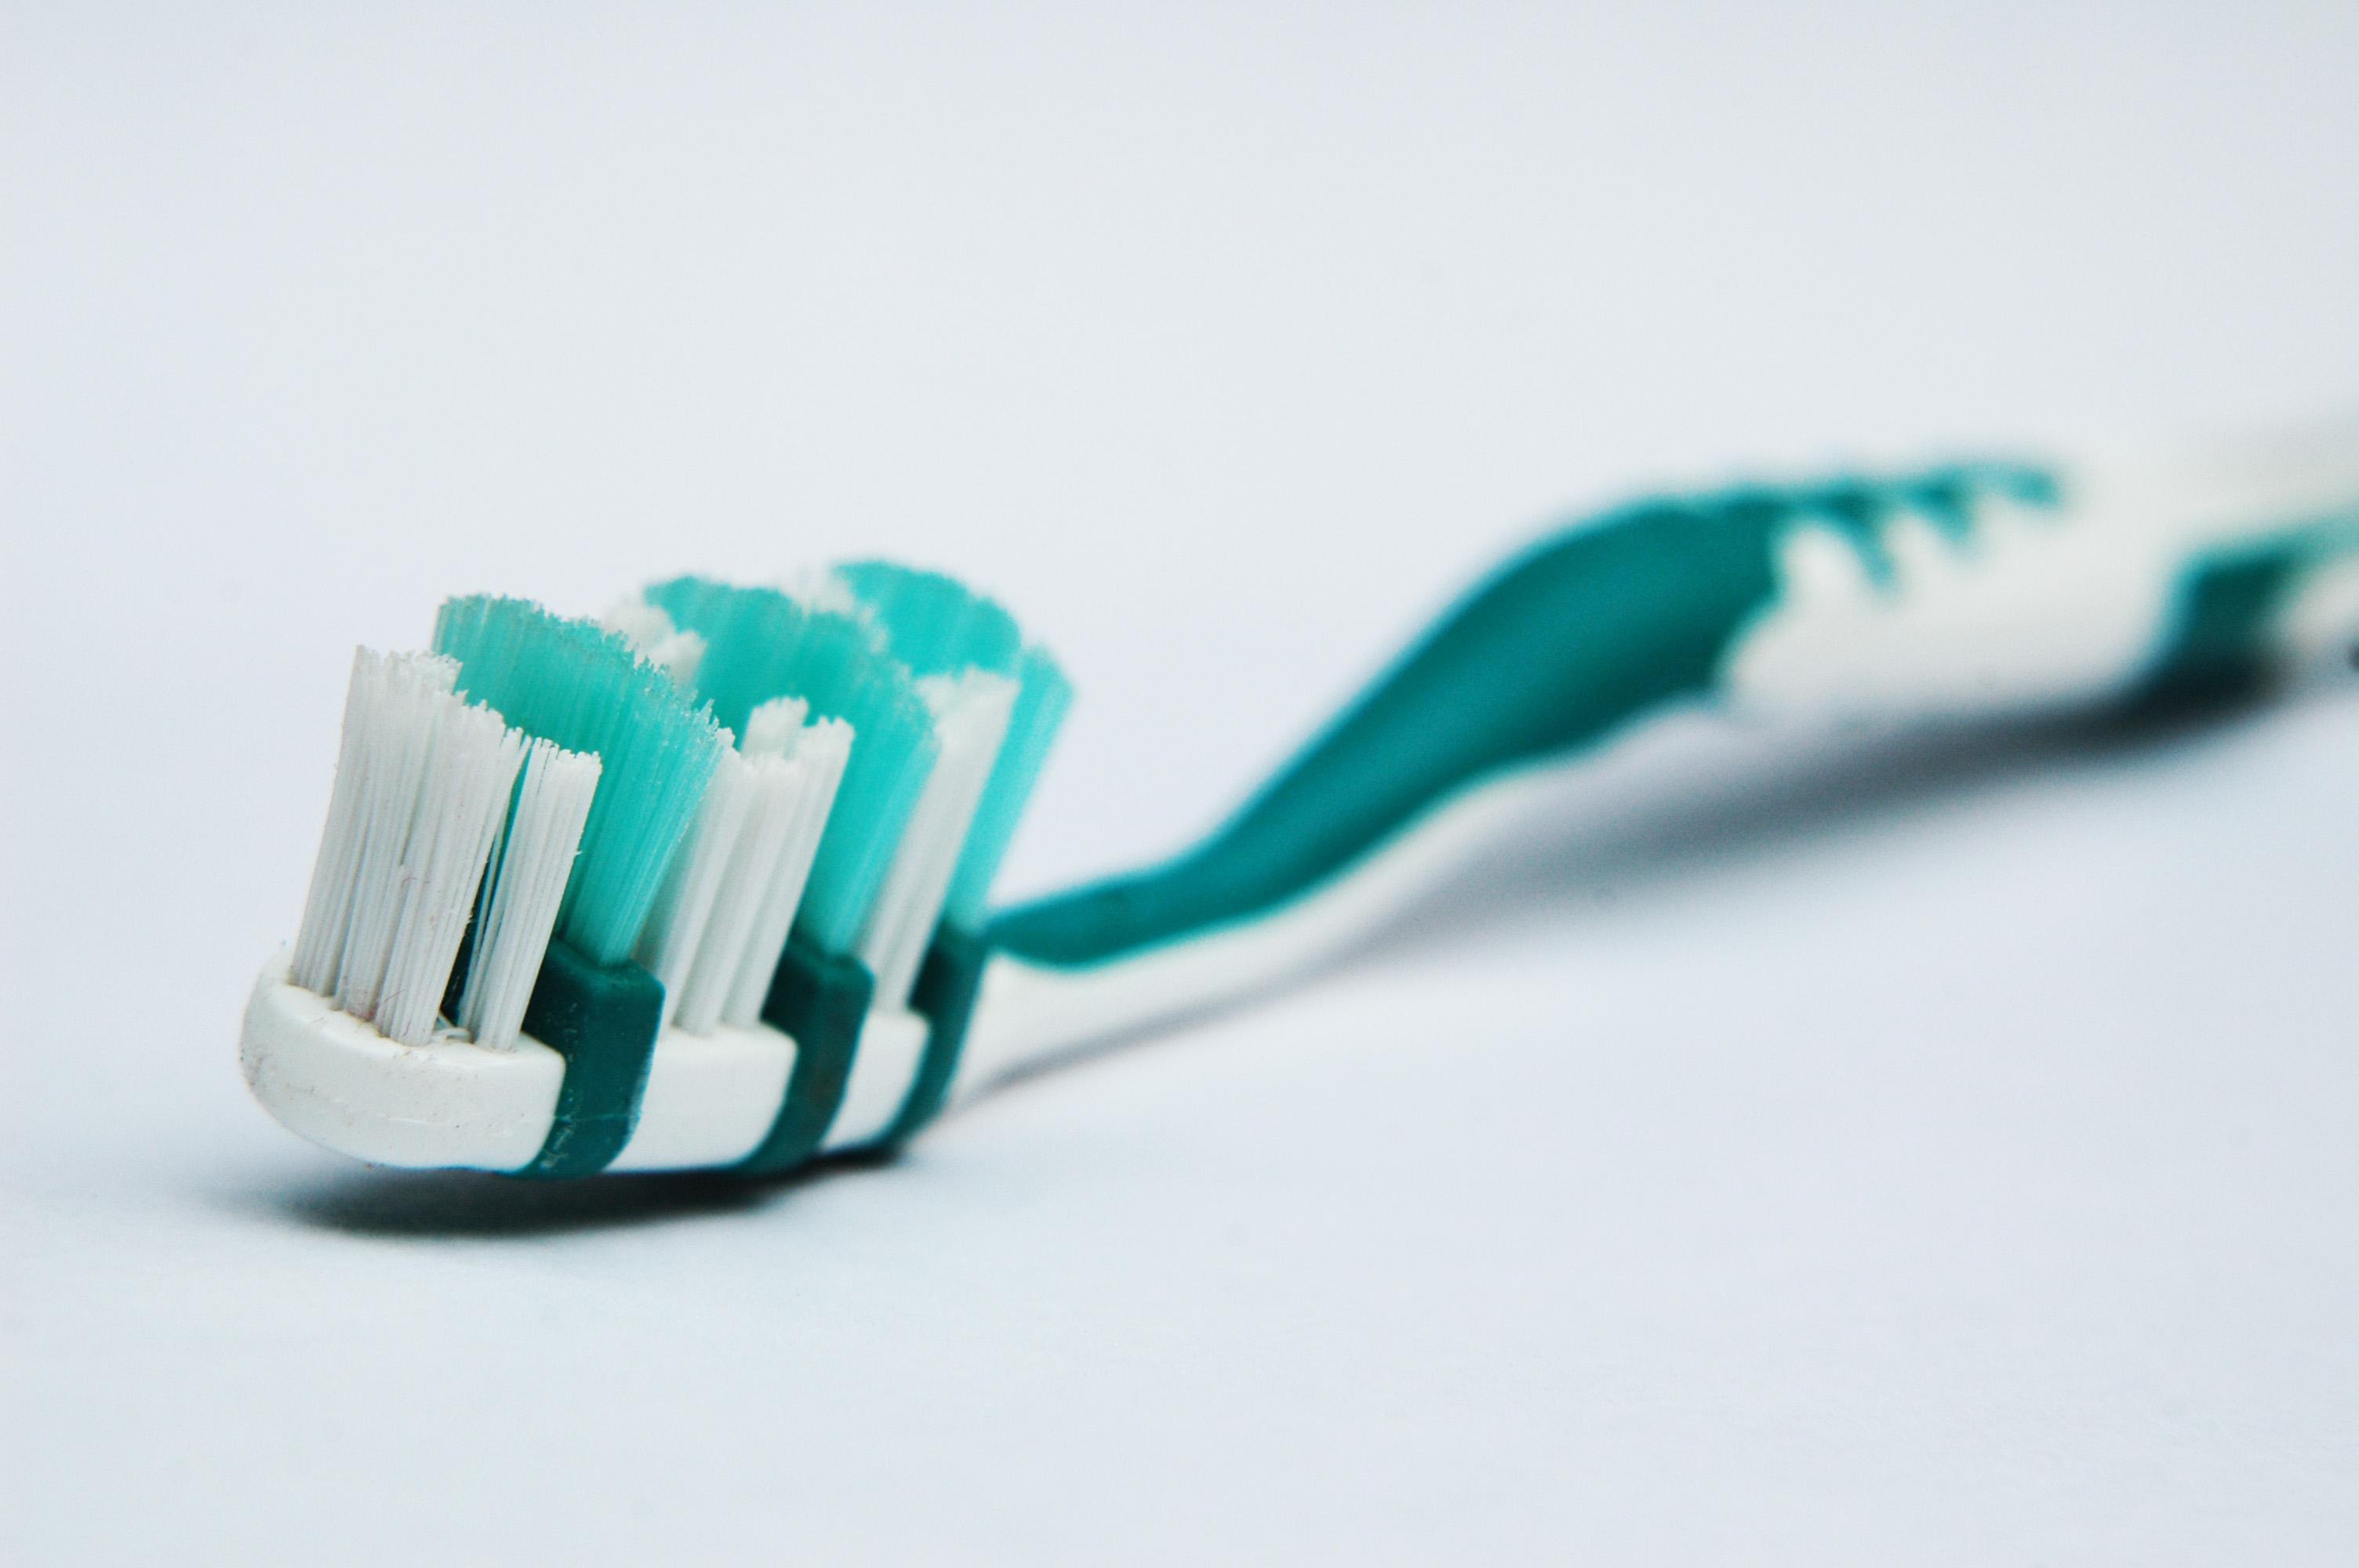 Kés, fogkefe, elem: a legbizarrabb lenyelt tárgyak